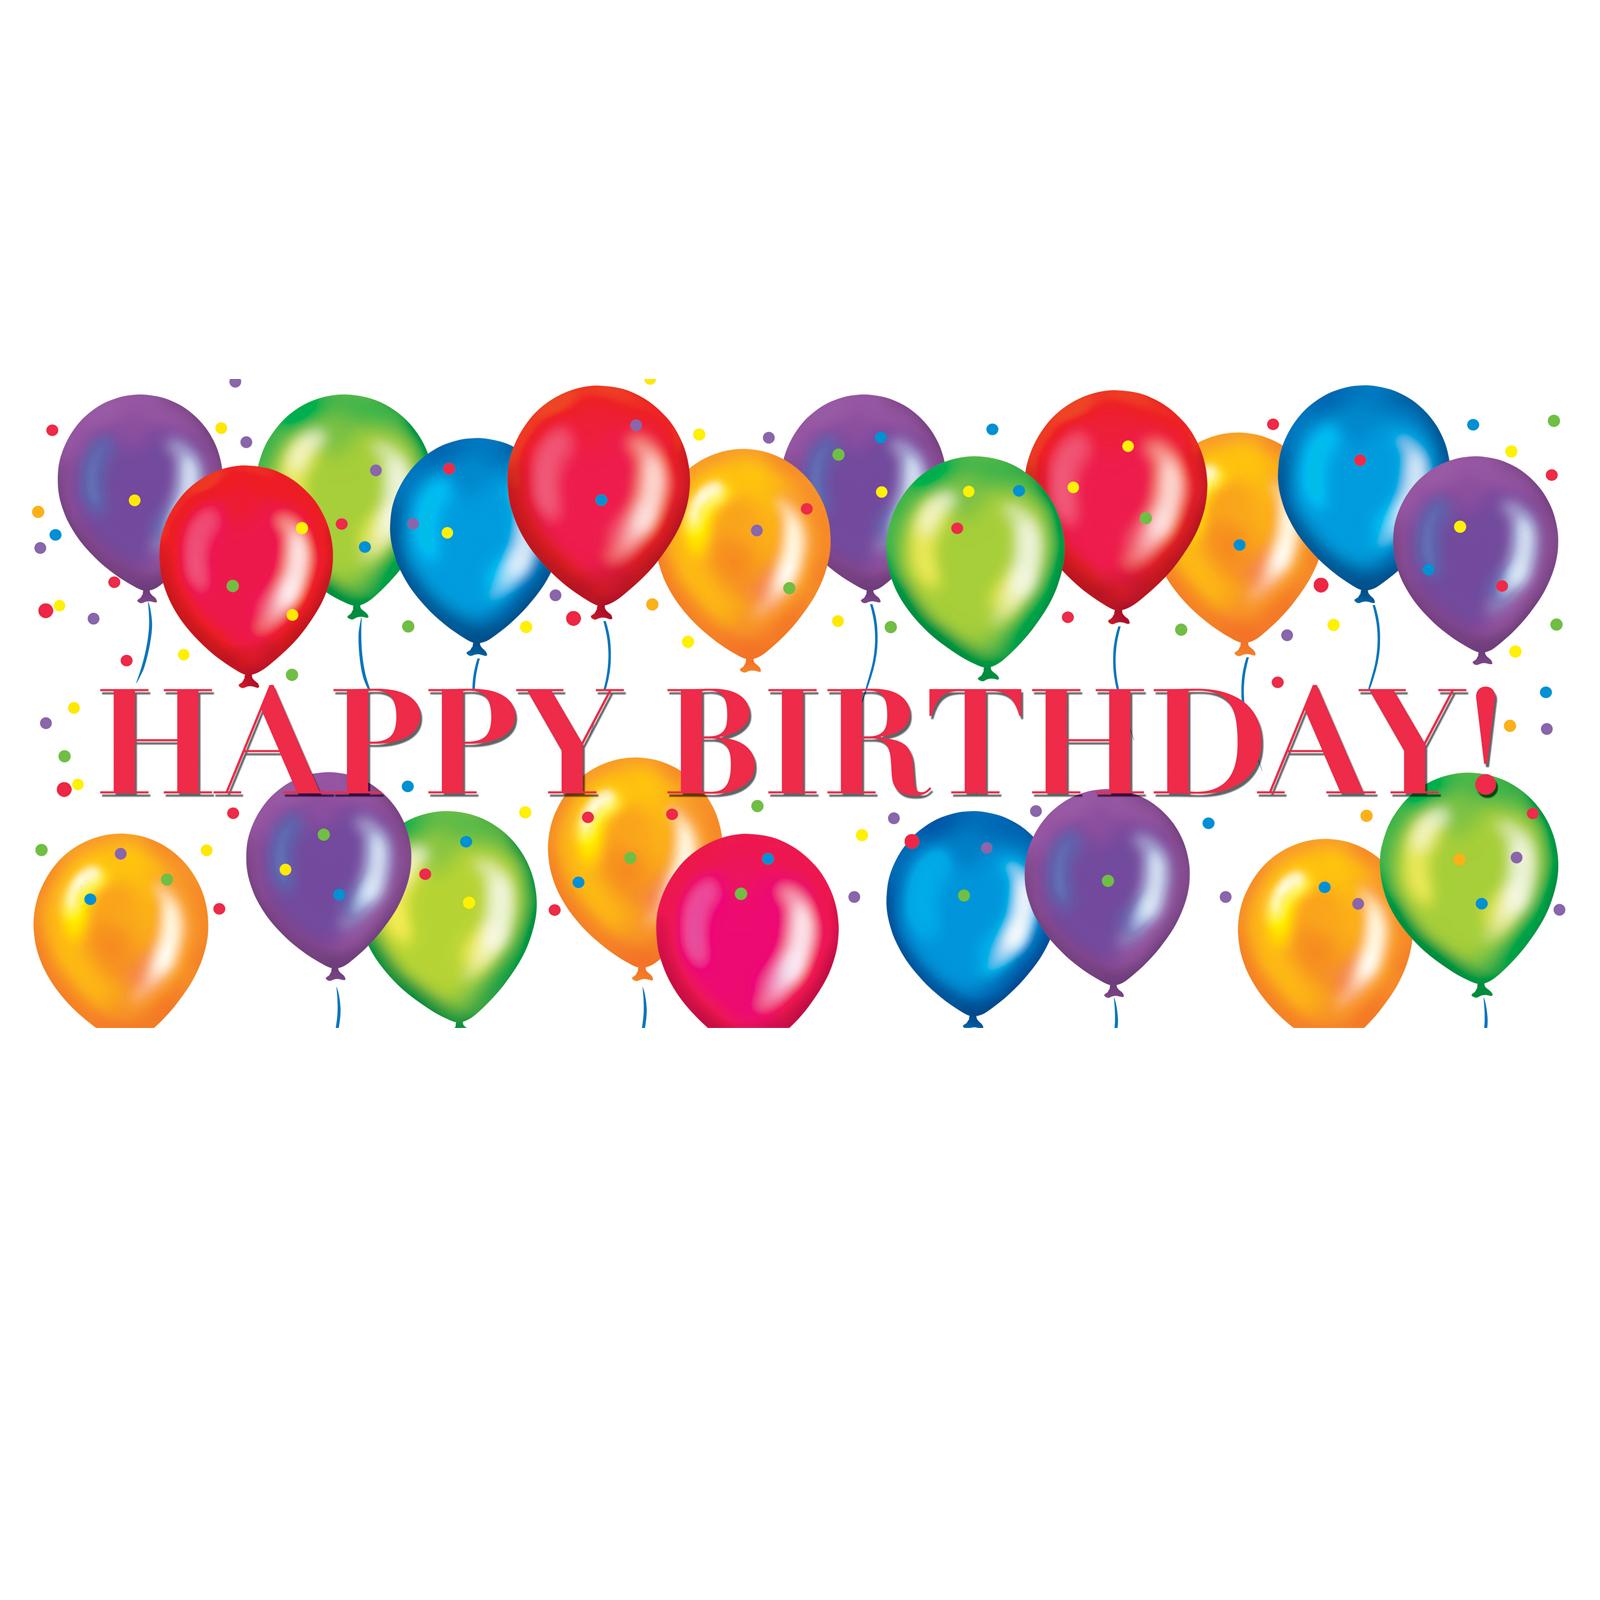 1600x1600 Happy Birthday Balloons Clipart Cartoon Clip Art